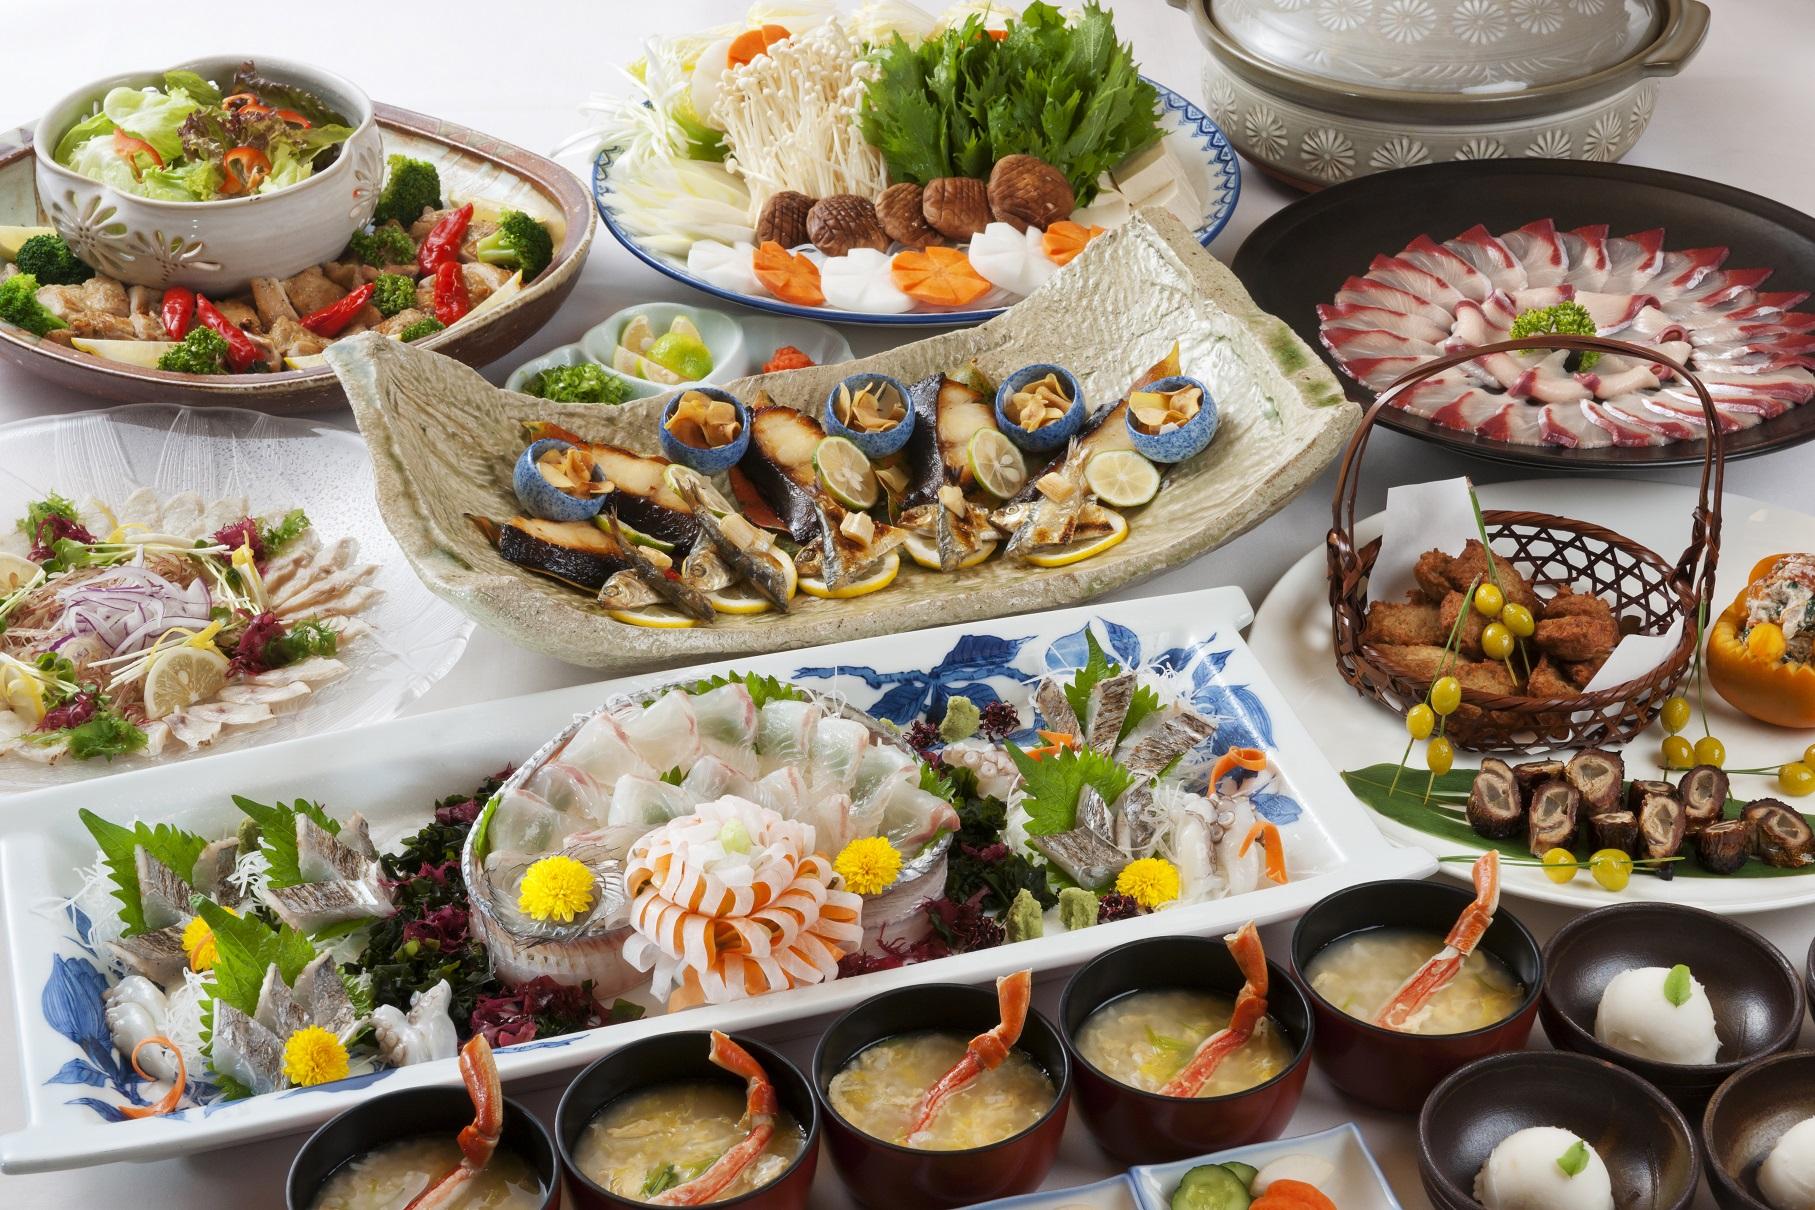 常石ハーバーホテルの忘年会・新年会プランは選べるコース。和食・中華の本格大皿コース